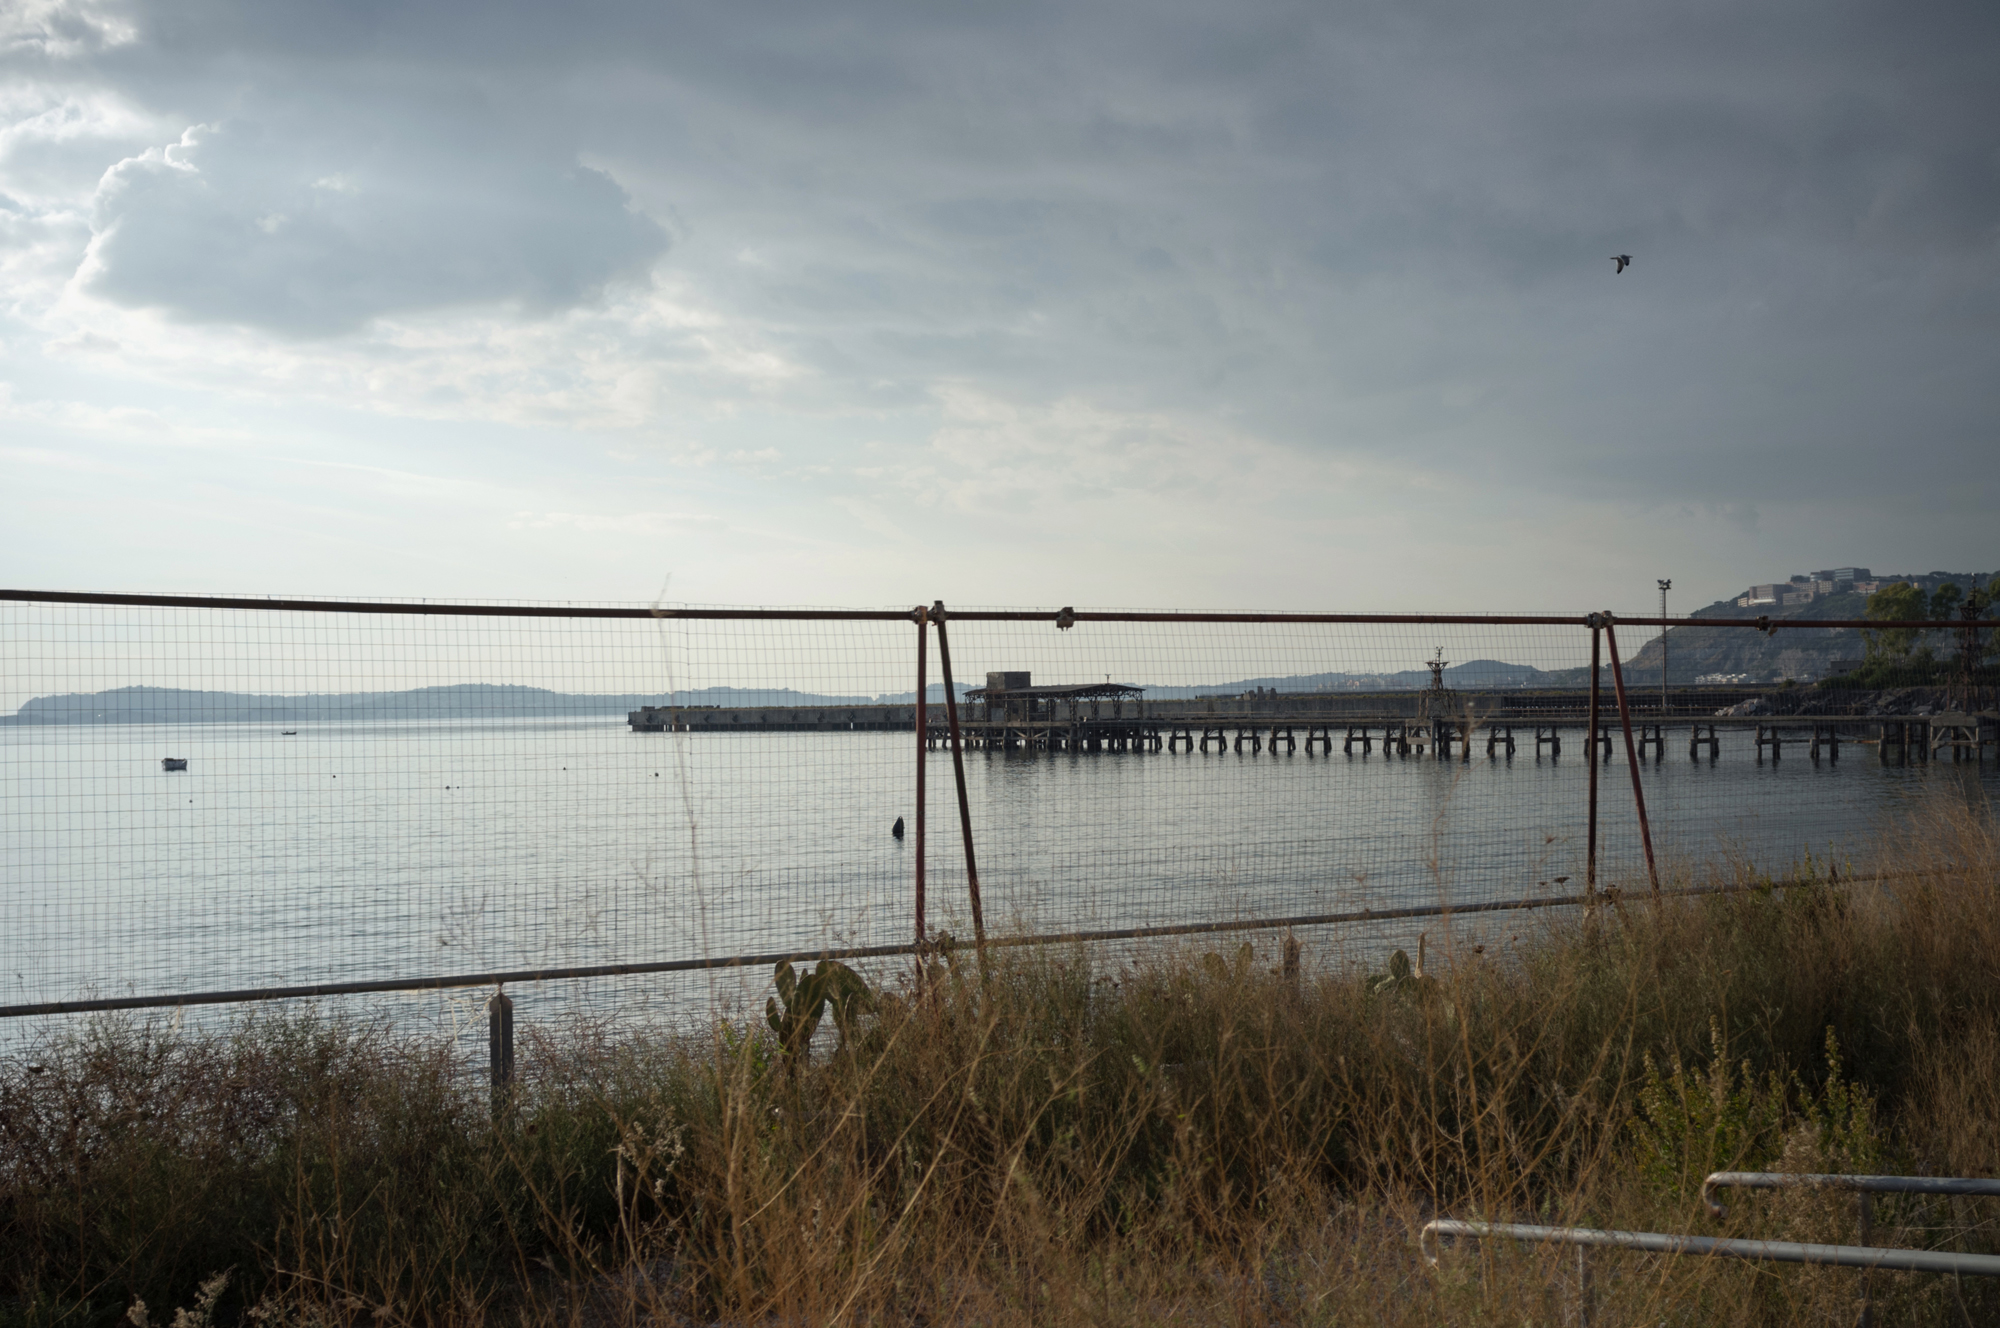 Secondo l'inchiesta sul disastro ambientale, a Bagnoli sarebbero state sversate in mare pericolose sostanze inquinanti, in particolare idrocarburi.